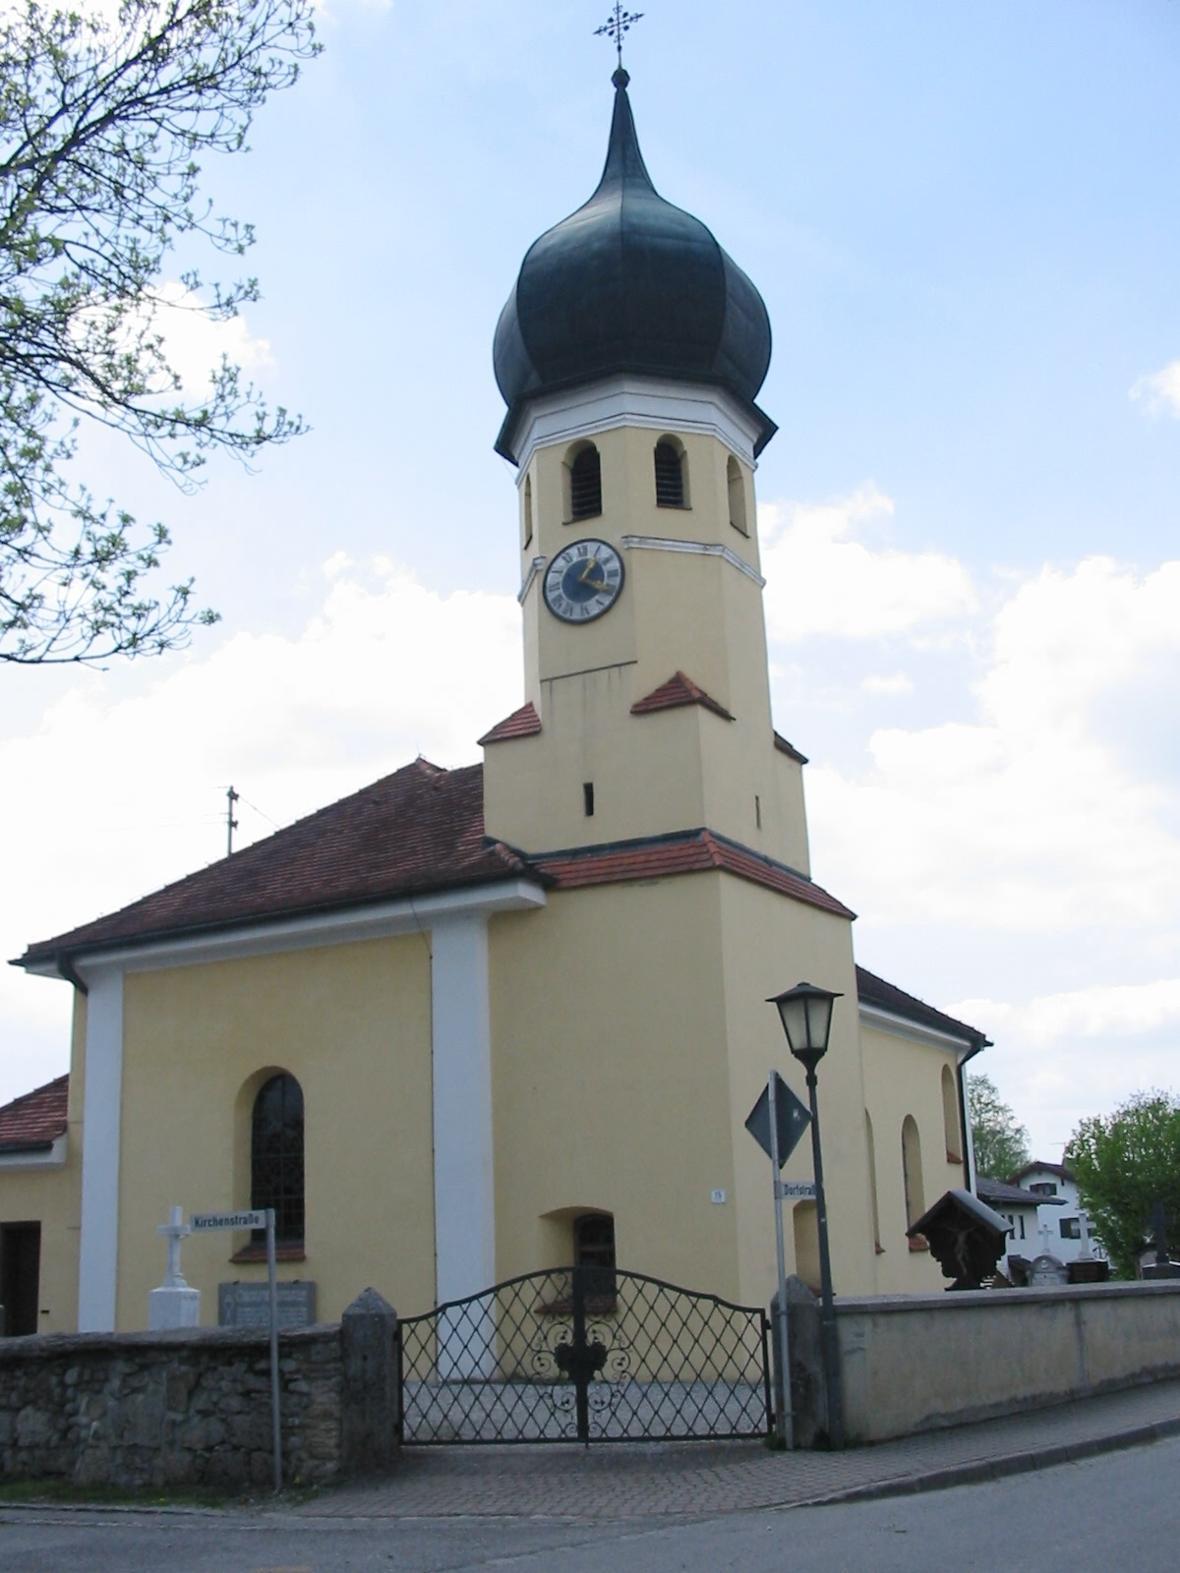 St. Afra in Spatzenhausen